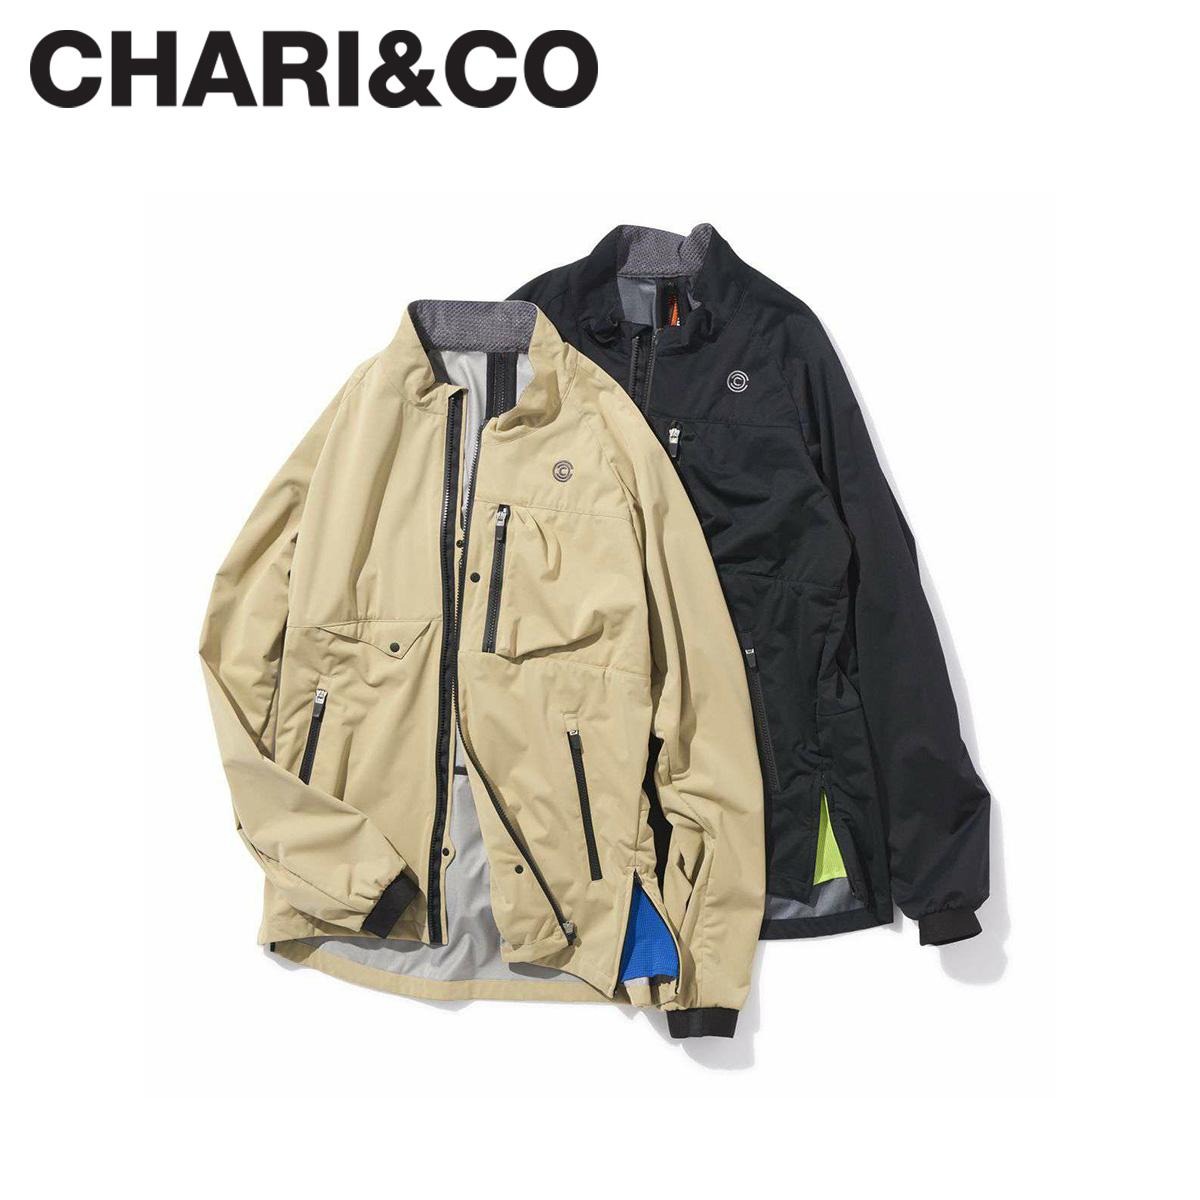 【最大2000円OFFクーポン】 CHARI&CO チャリアンドコー ジャケット メンズ PEGASUS JKT 防水 撥水 ブラック ベージュ 黒